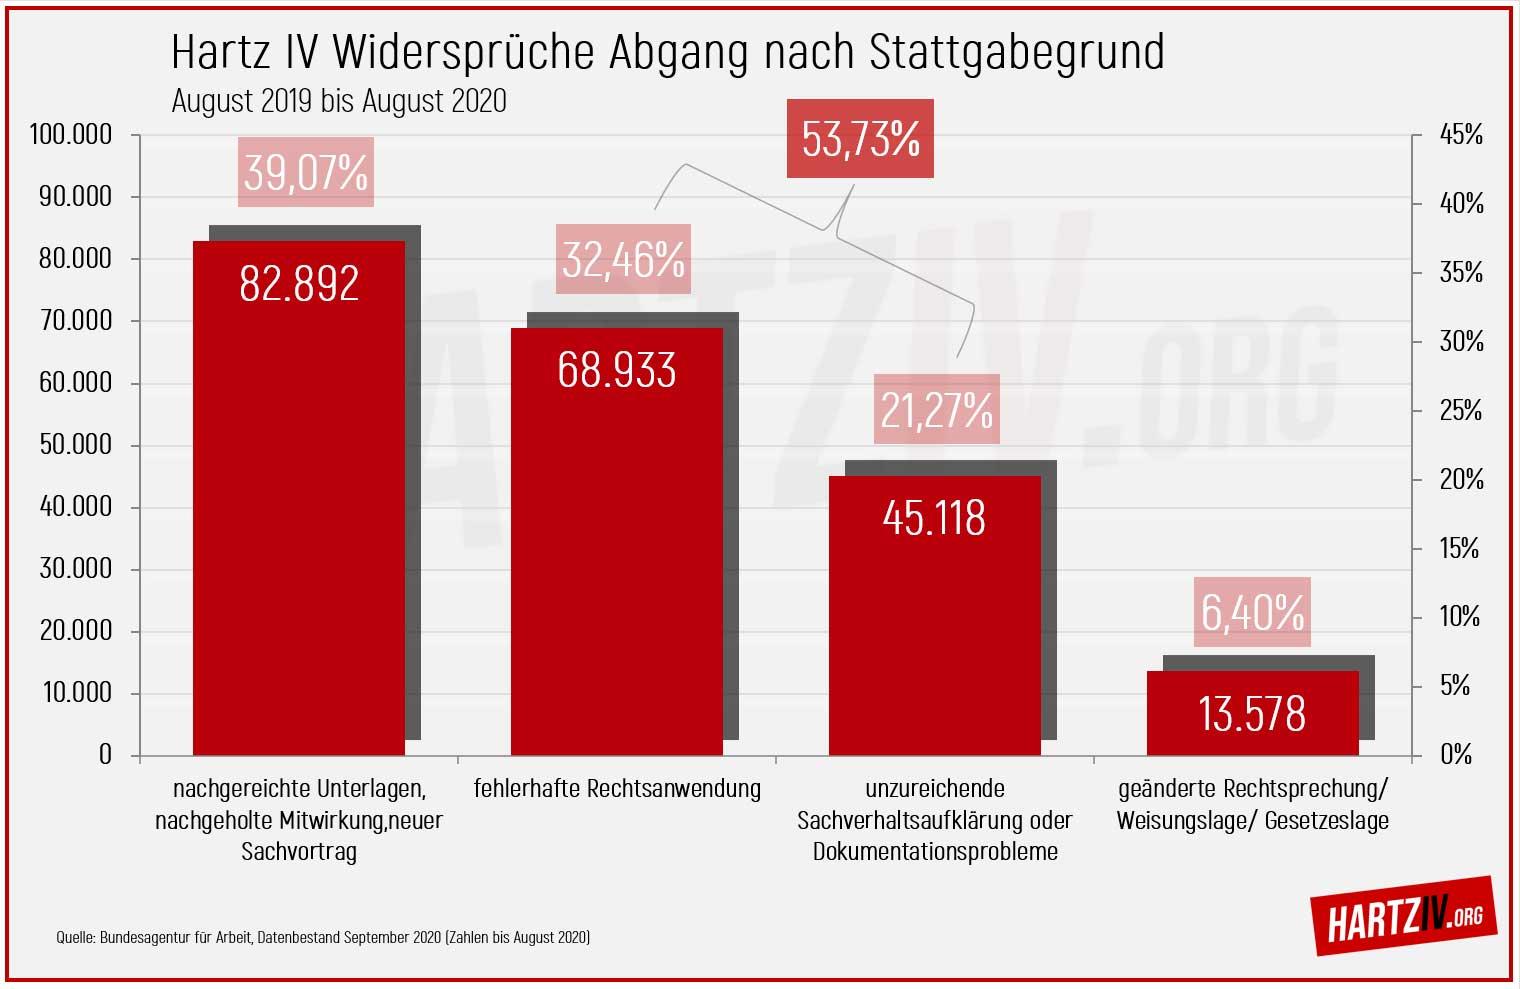 Hartz IV Widersprüche Abgang nach Stattgabegrund Statistik bis August 2020